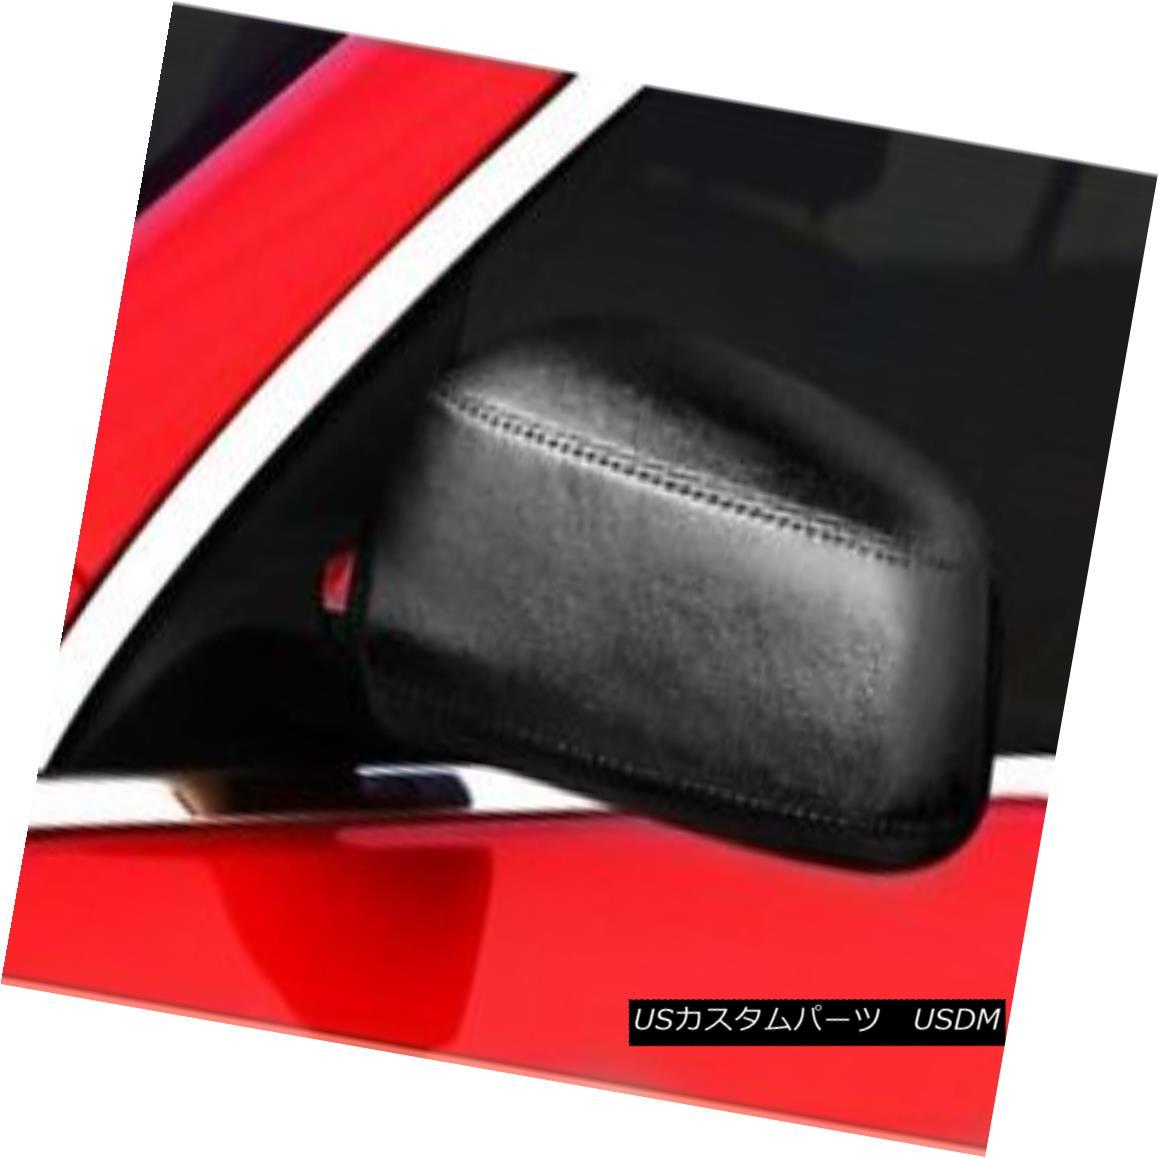 フルブラ ノーズブラ Colgan Car Mirror Covers Bra Black Fits 2005-2008 Toyota Corolla S & XRS Sedan コルガン車のミラーカバーブラブラックは2005-2008年に適合トヨタカローラS& XRSセダン